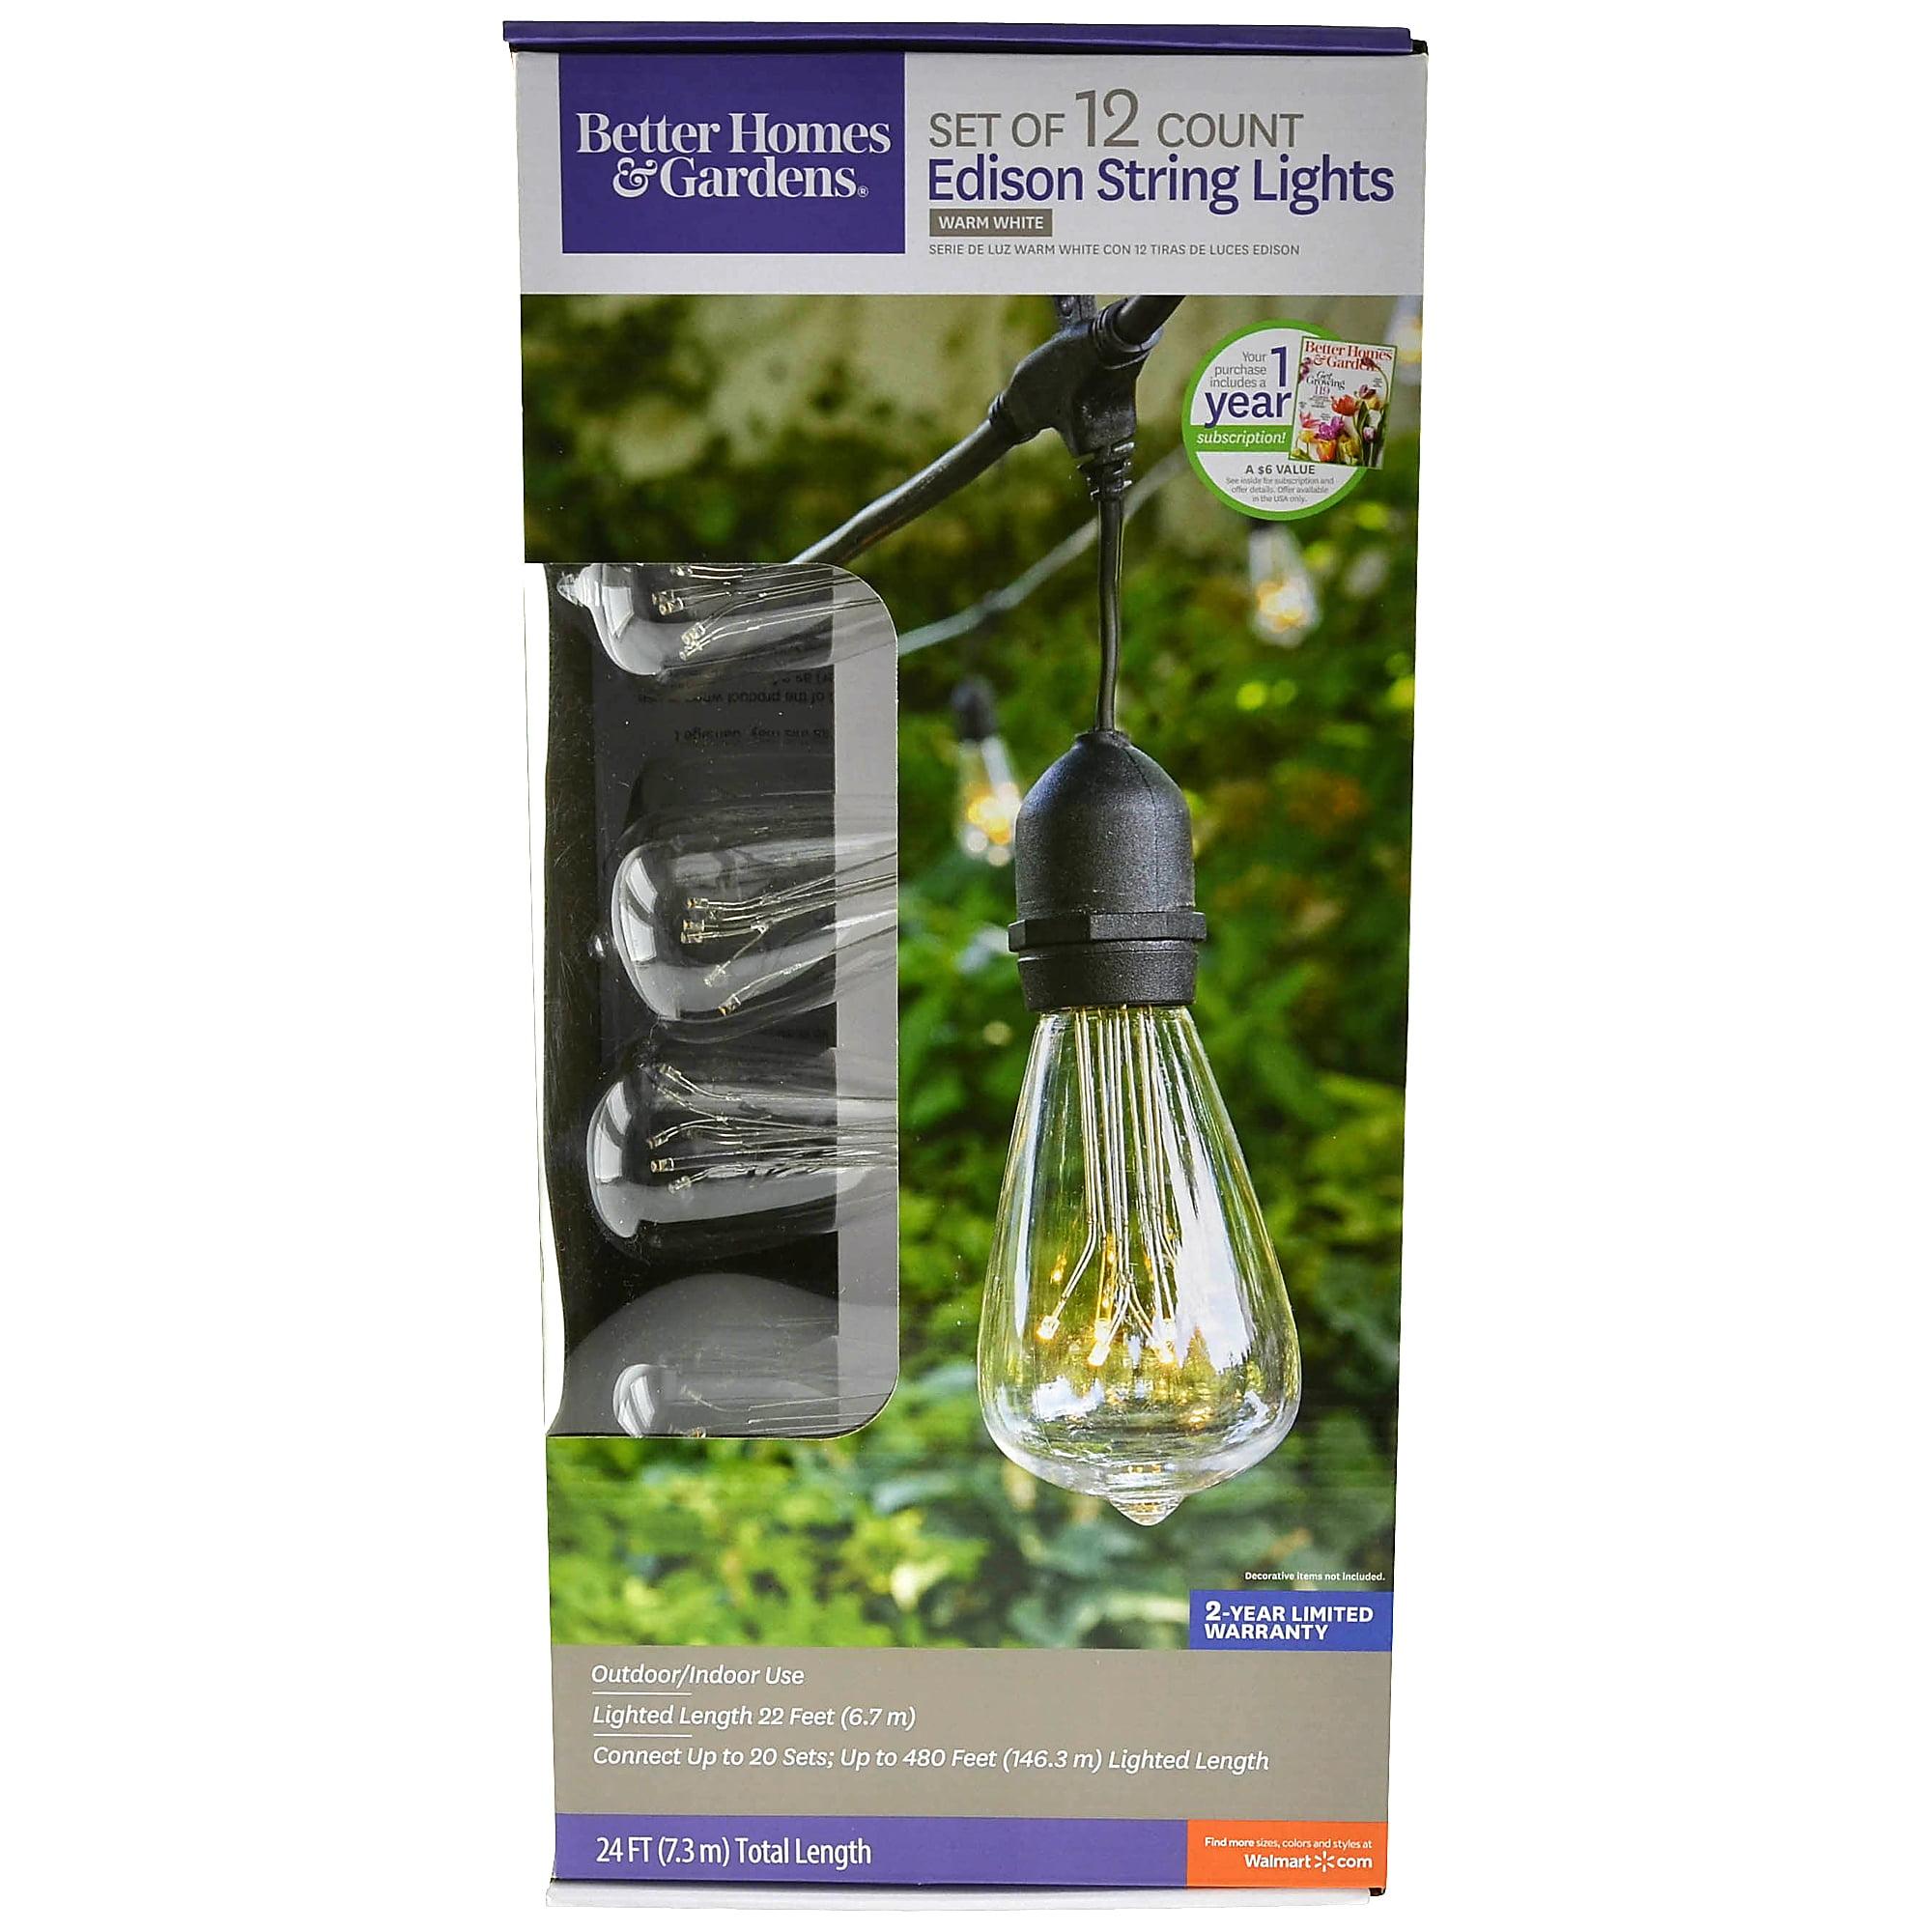 Better Homes & Gardens Edison String Lights, Set of 12